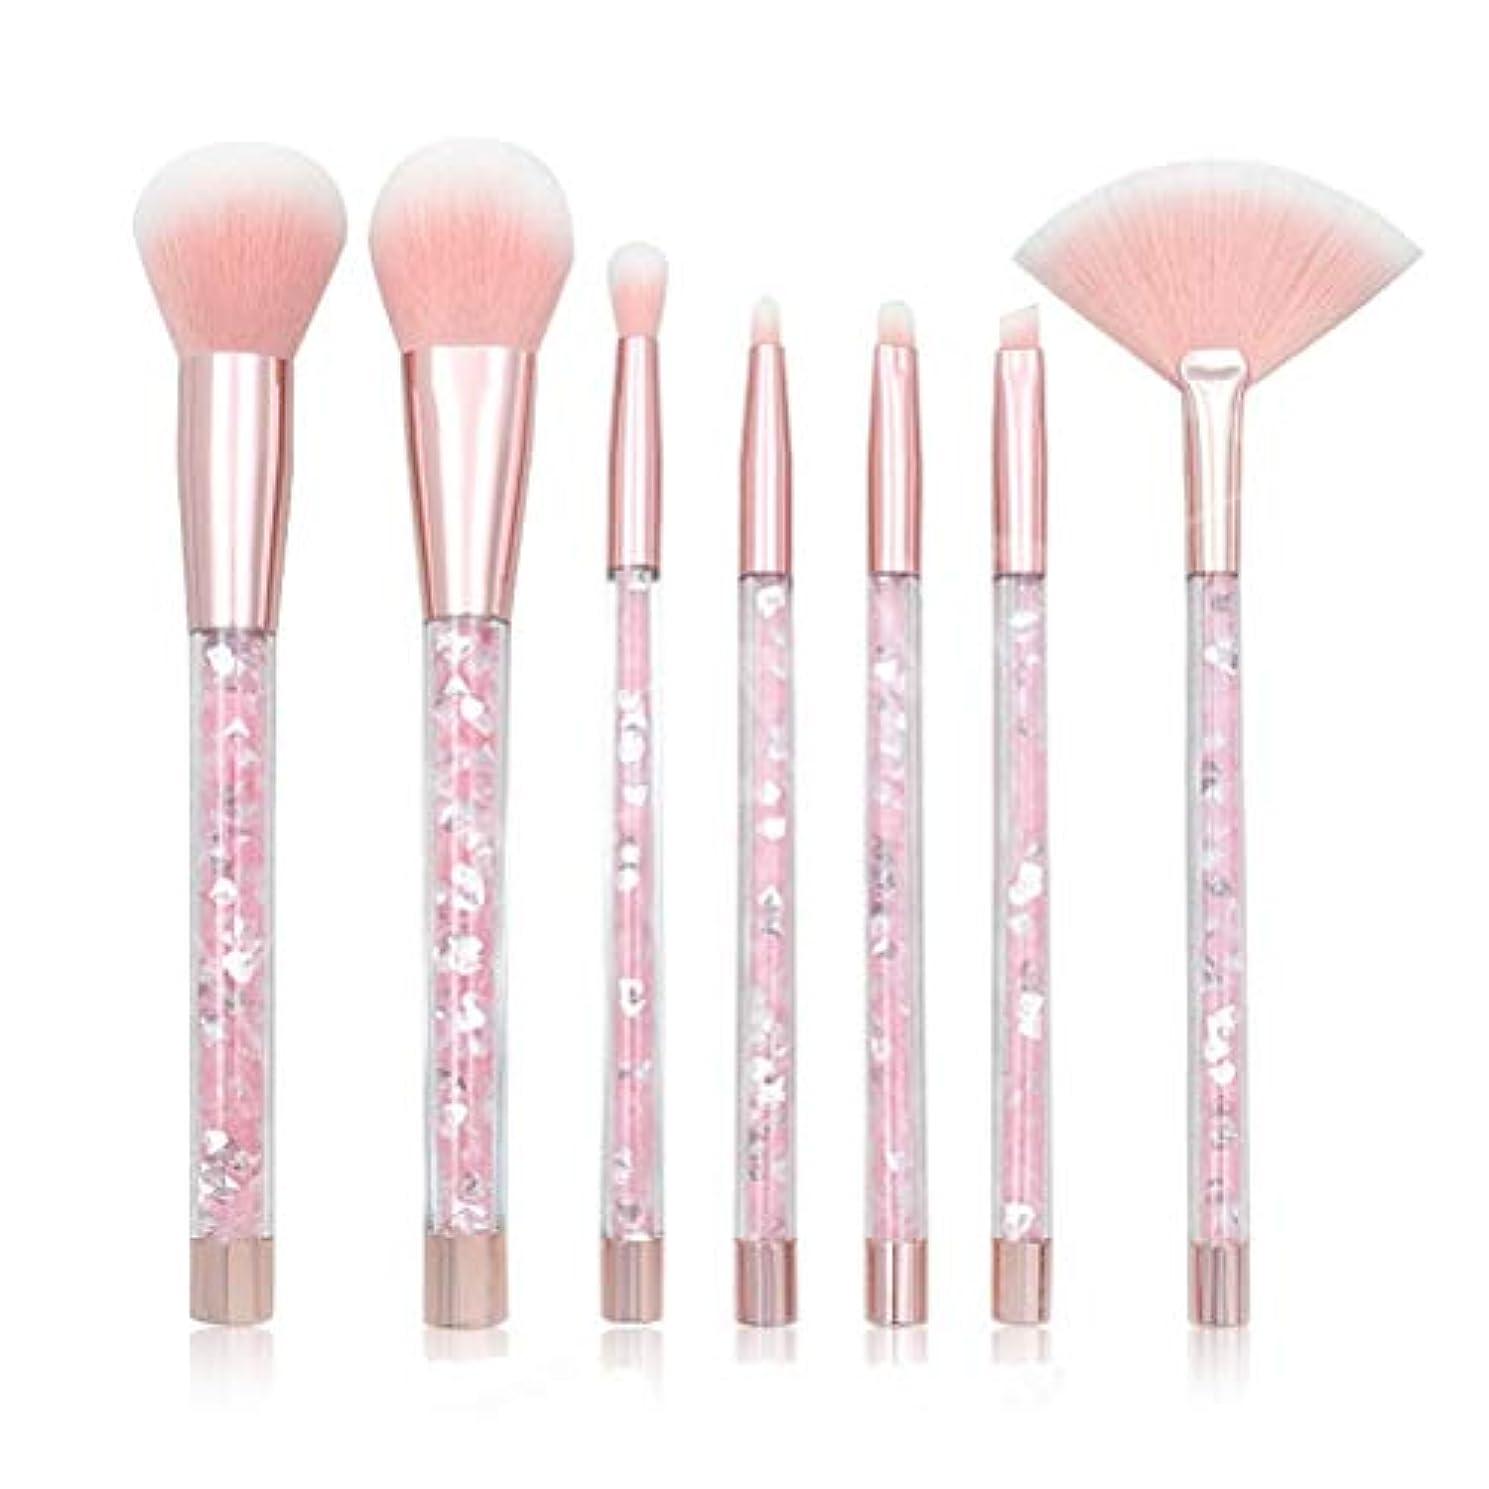 会うビリーリスキーなLSHJP 化粧ブラシ 7個セット 化粧道具 レディース ビューティー きれいめ 簡単 カジュアル 便利 お出かけ 高品質 (Color : LightPink, Size : ワンサイズ)